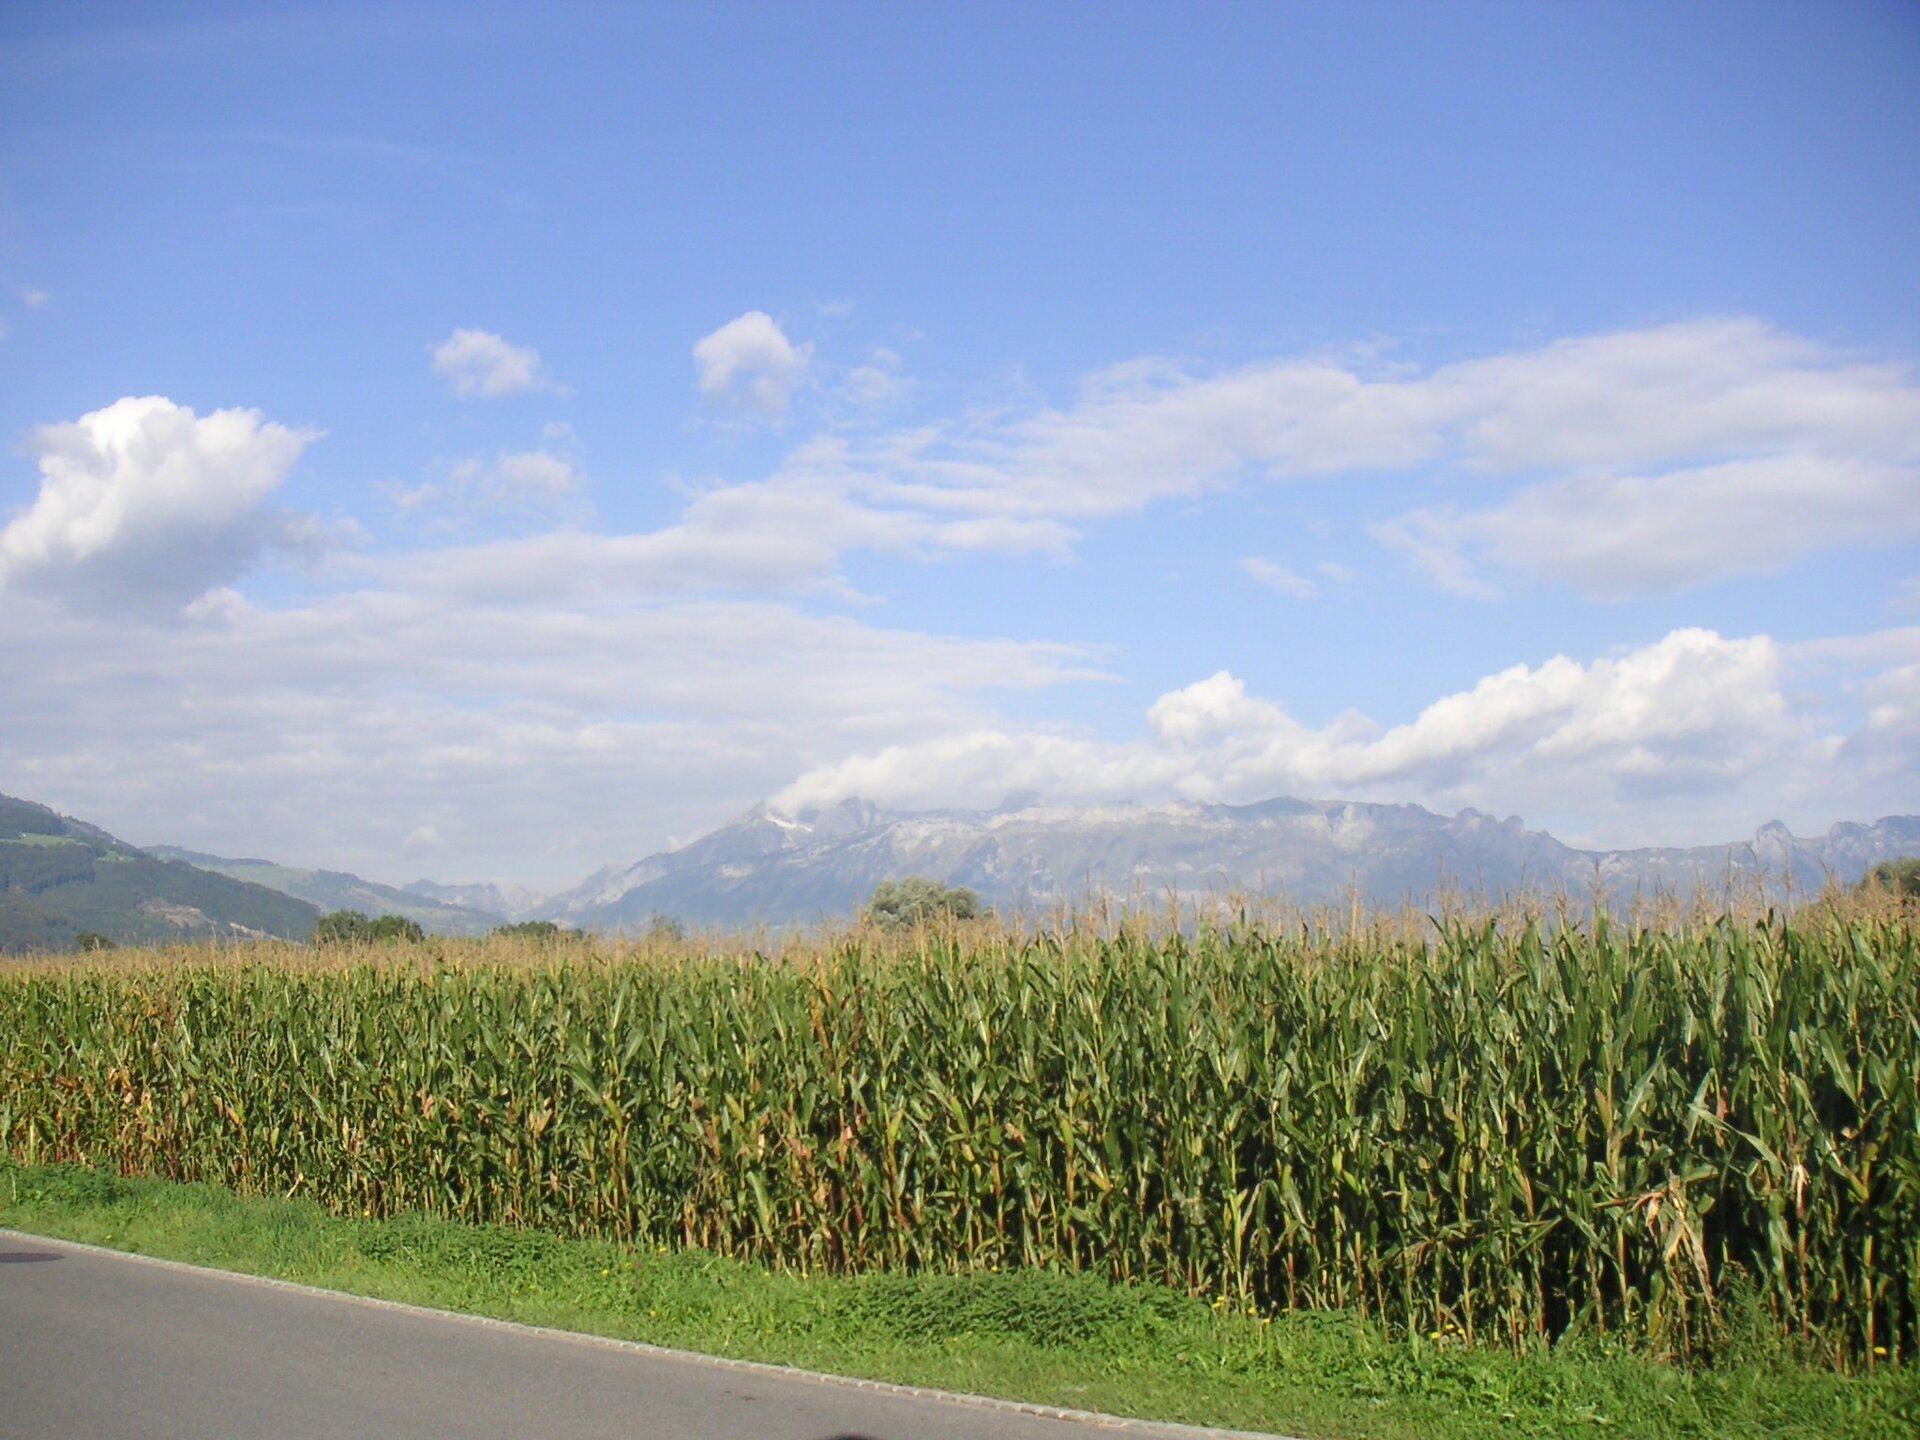 Zdjęcie przedstawia olbrzymie pole kukurydzy. Na pierwszym planie zielone gęsto rosnące pędy kukurydzy na polu wzdłuż asfaltowej drogi. Za polem kukurydzy, woddali, wysokie góry. Szare skaliste stoki. Szczyty gór pokryte śniegiem. Nad górami białe kłębiaste chmury. Niebo błękitne.